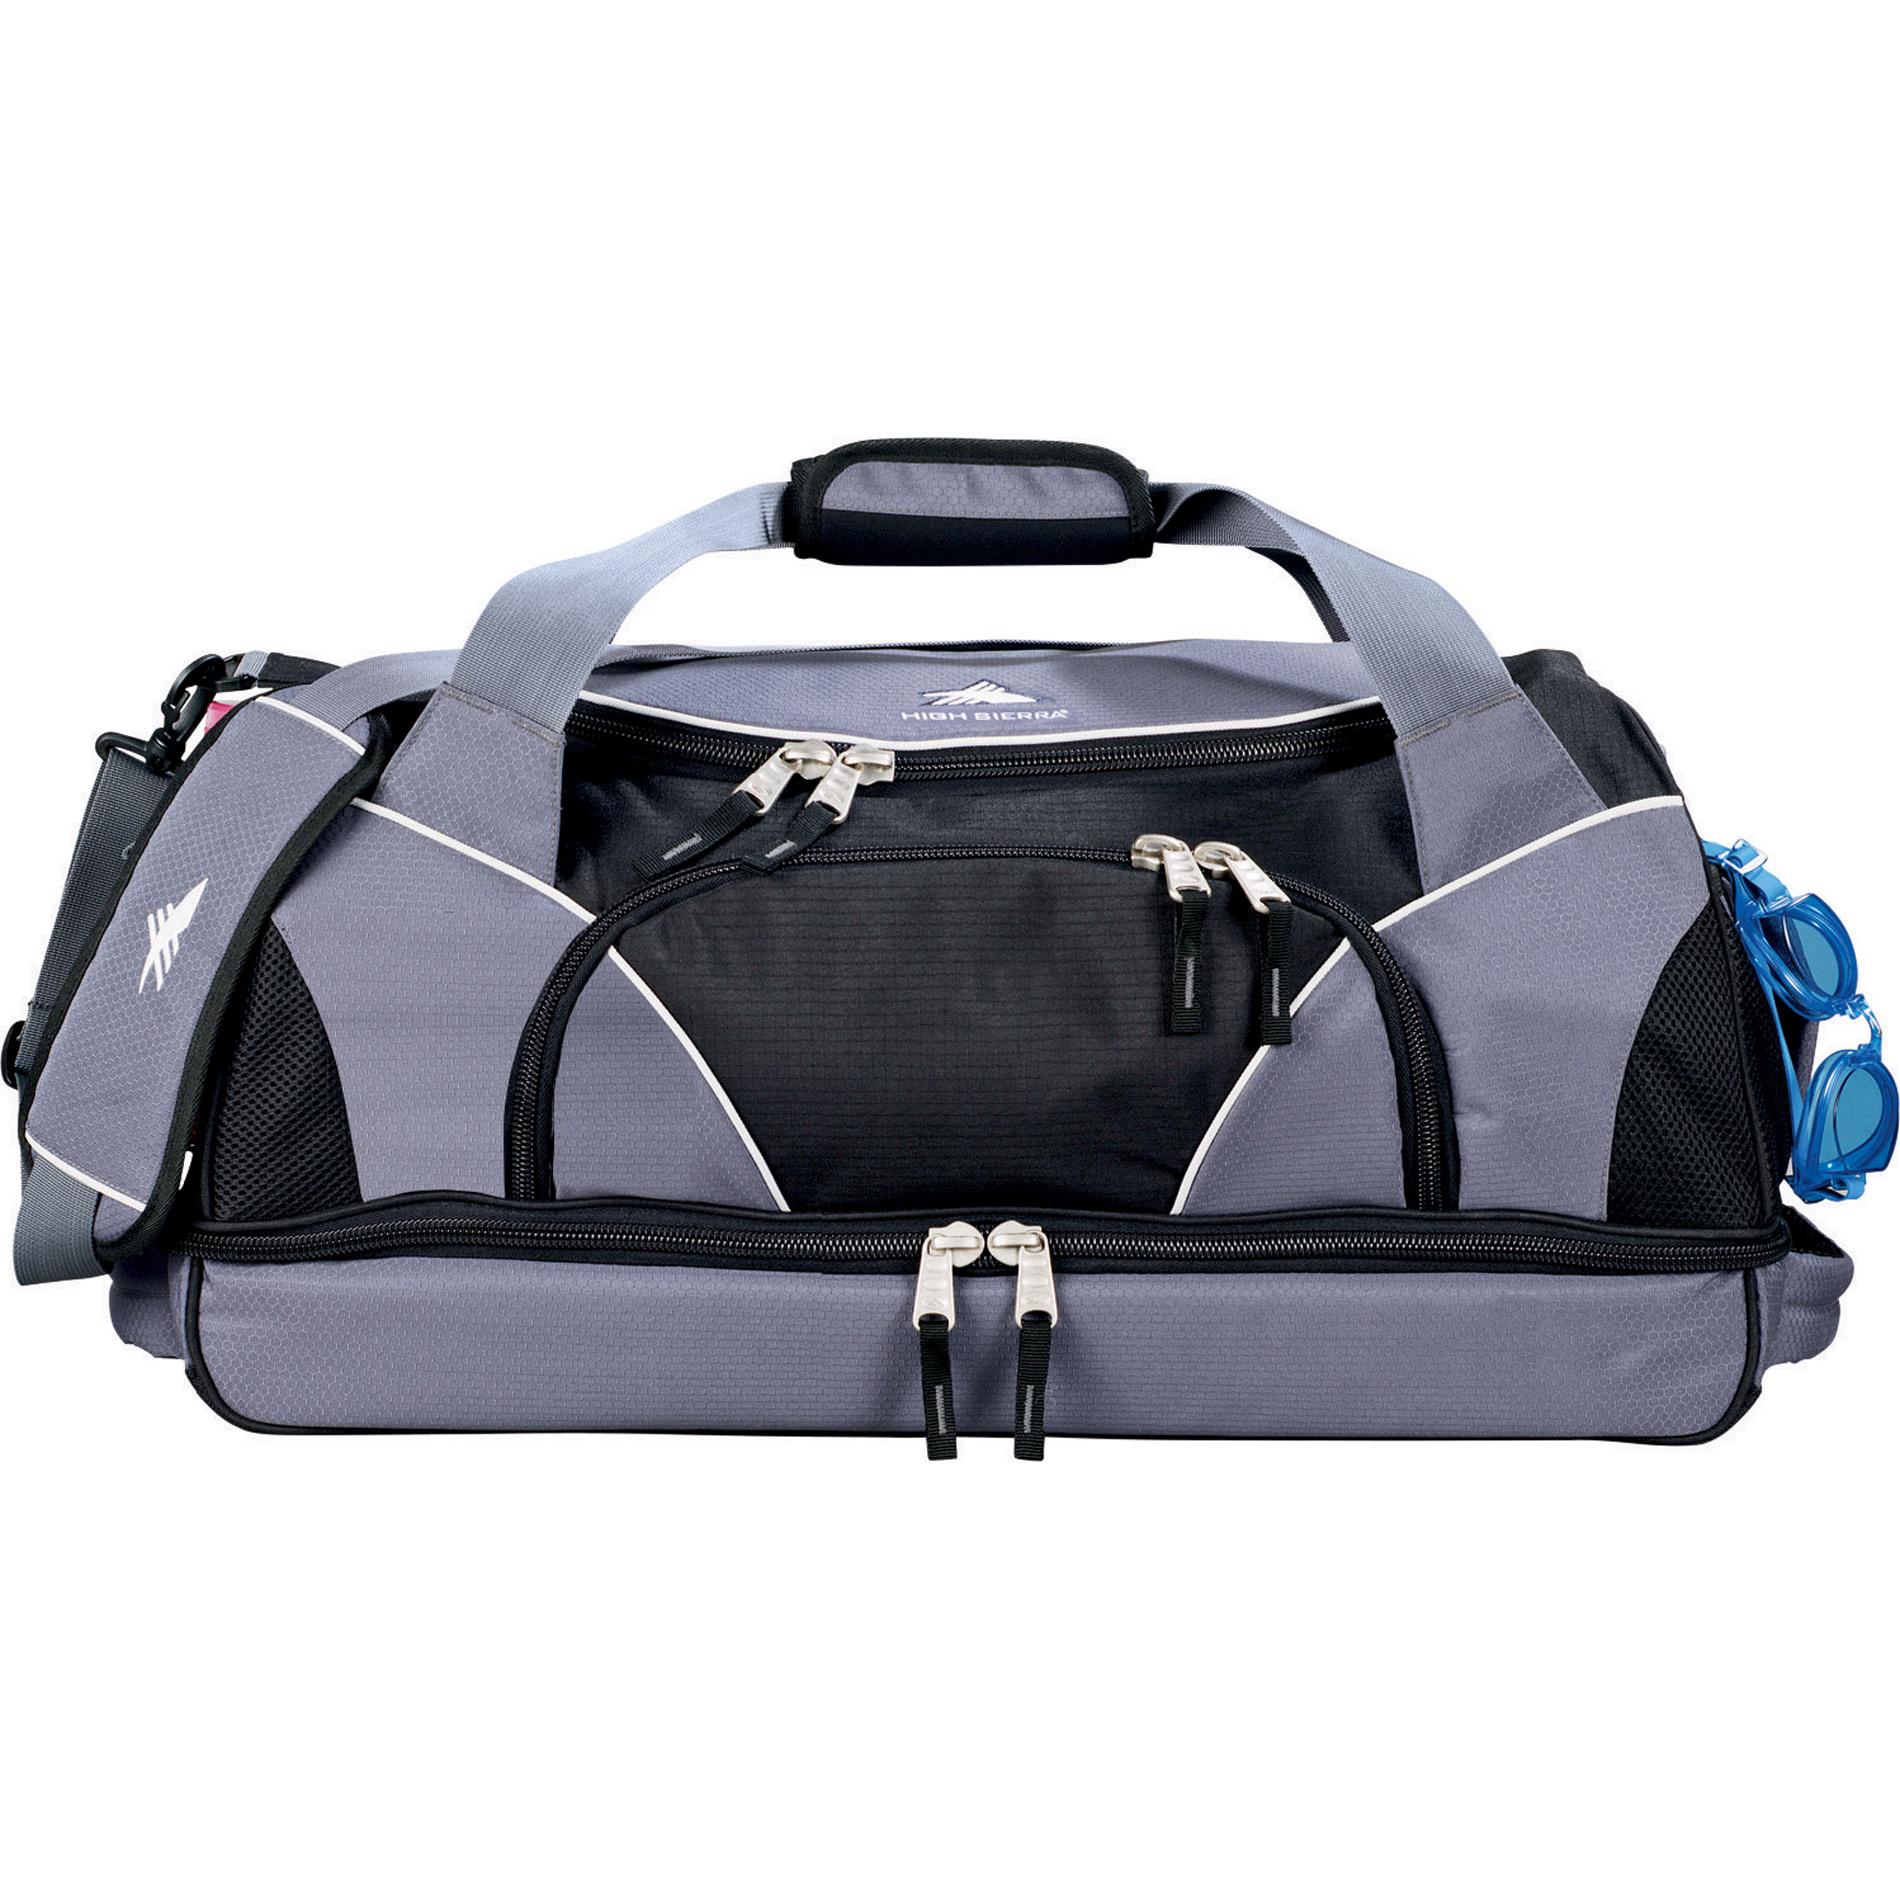 High Sierra 8050-18 - 24 Crunk Cross Sport Duffel Bag